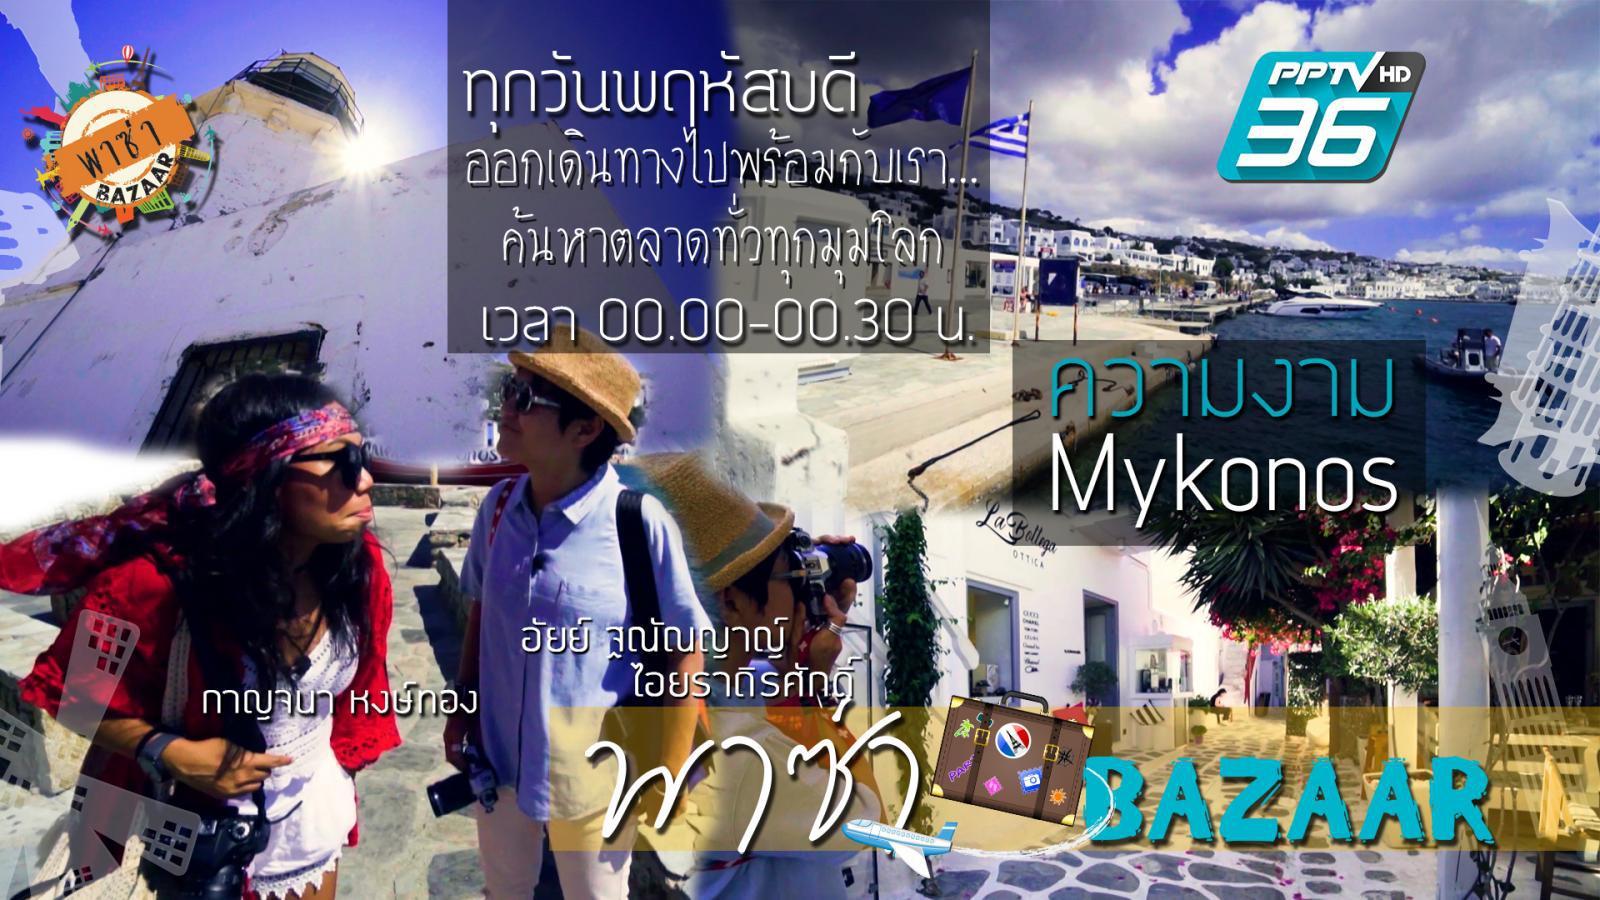 ความงามของ Mykonos